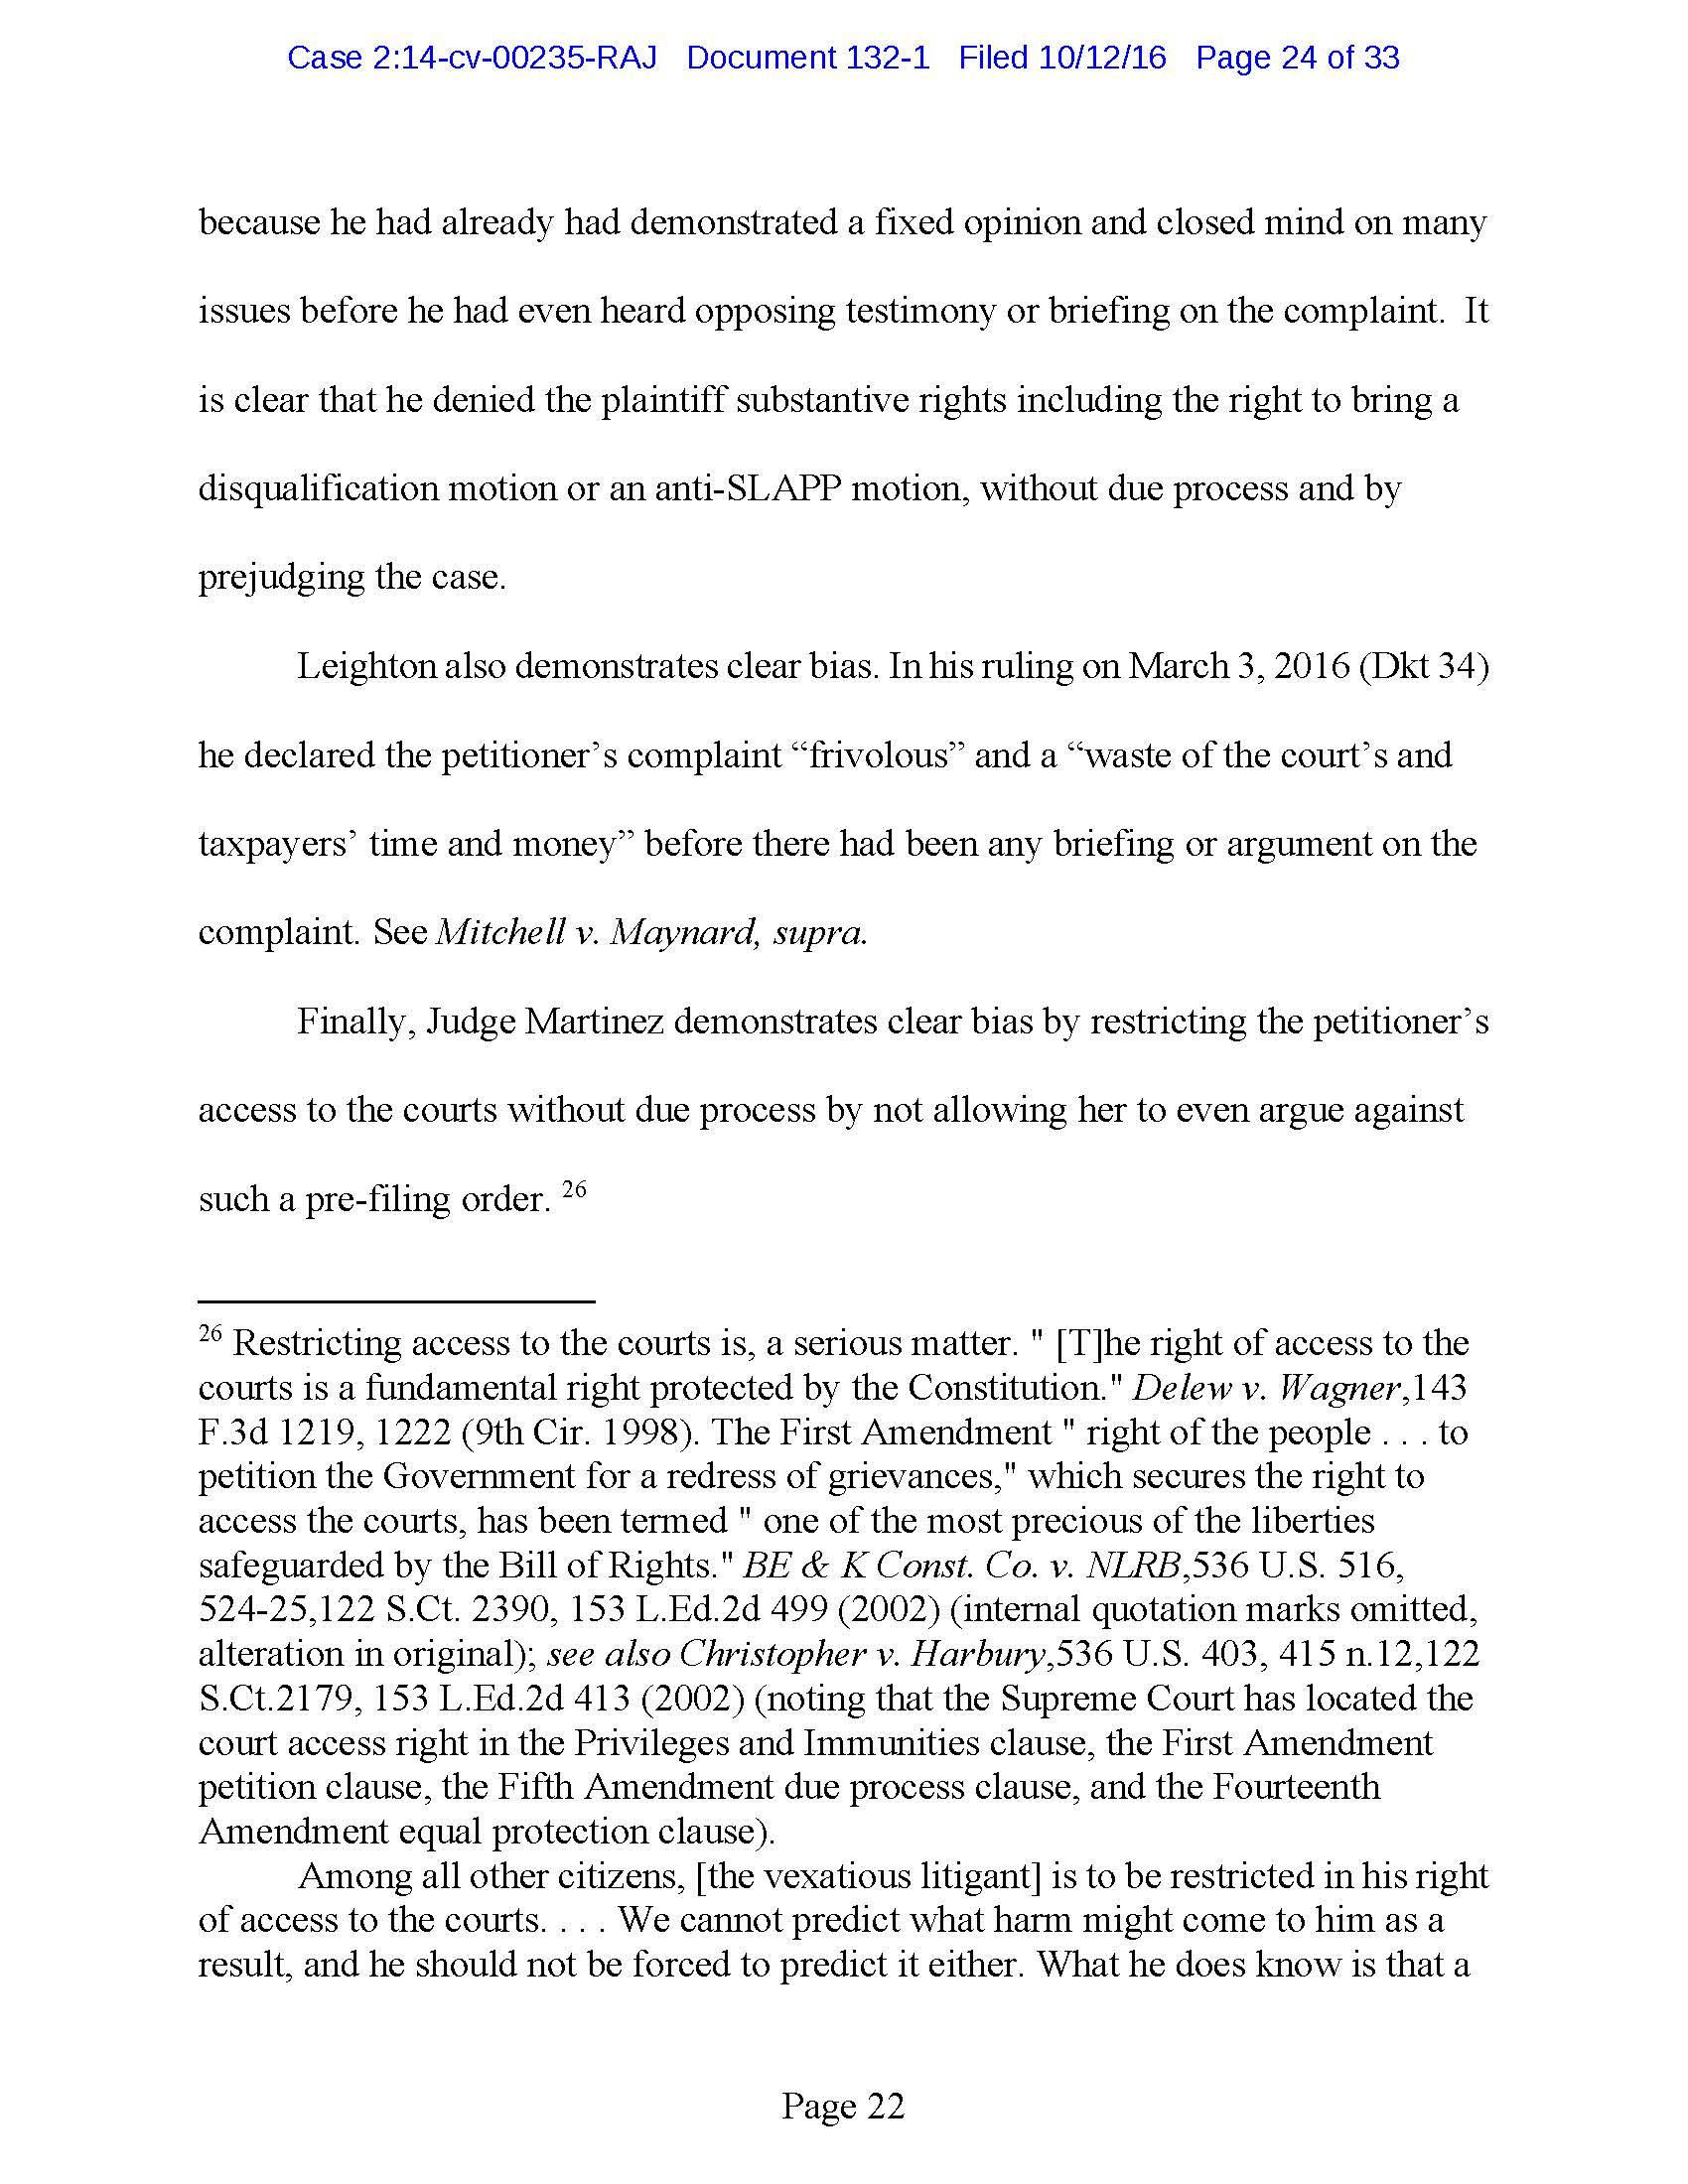 writ_page_24